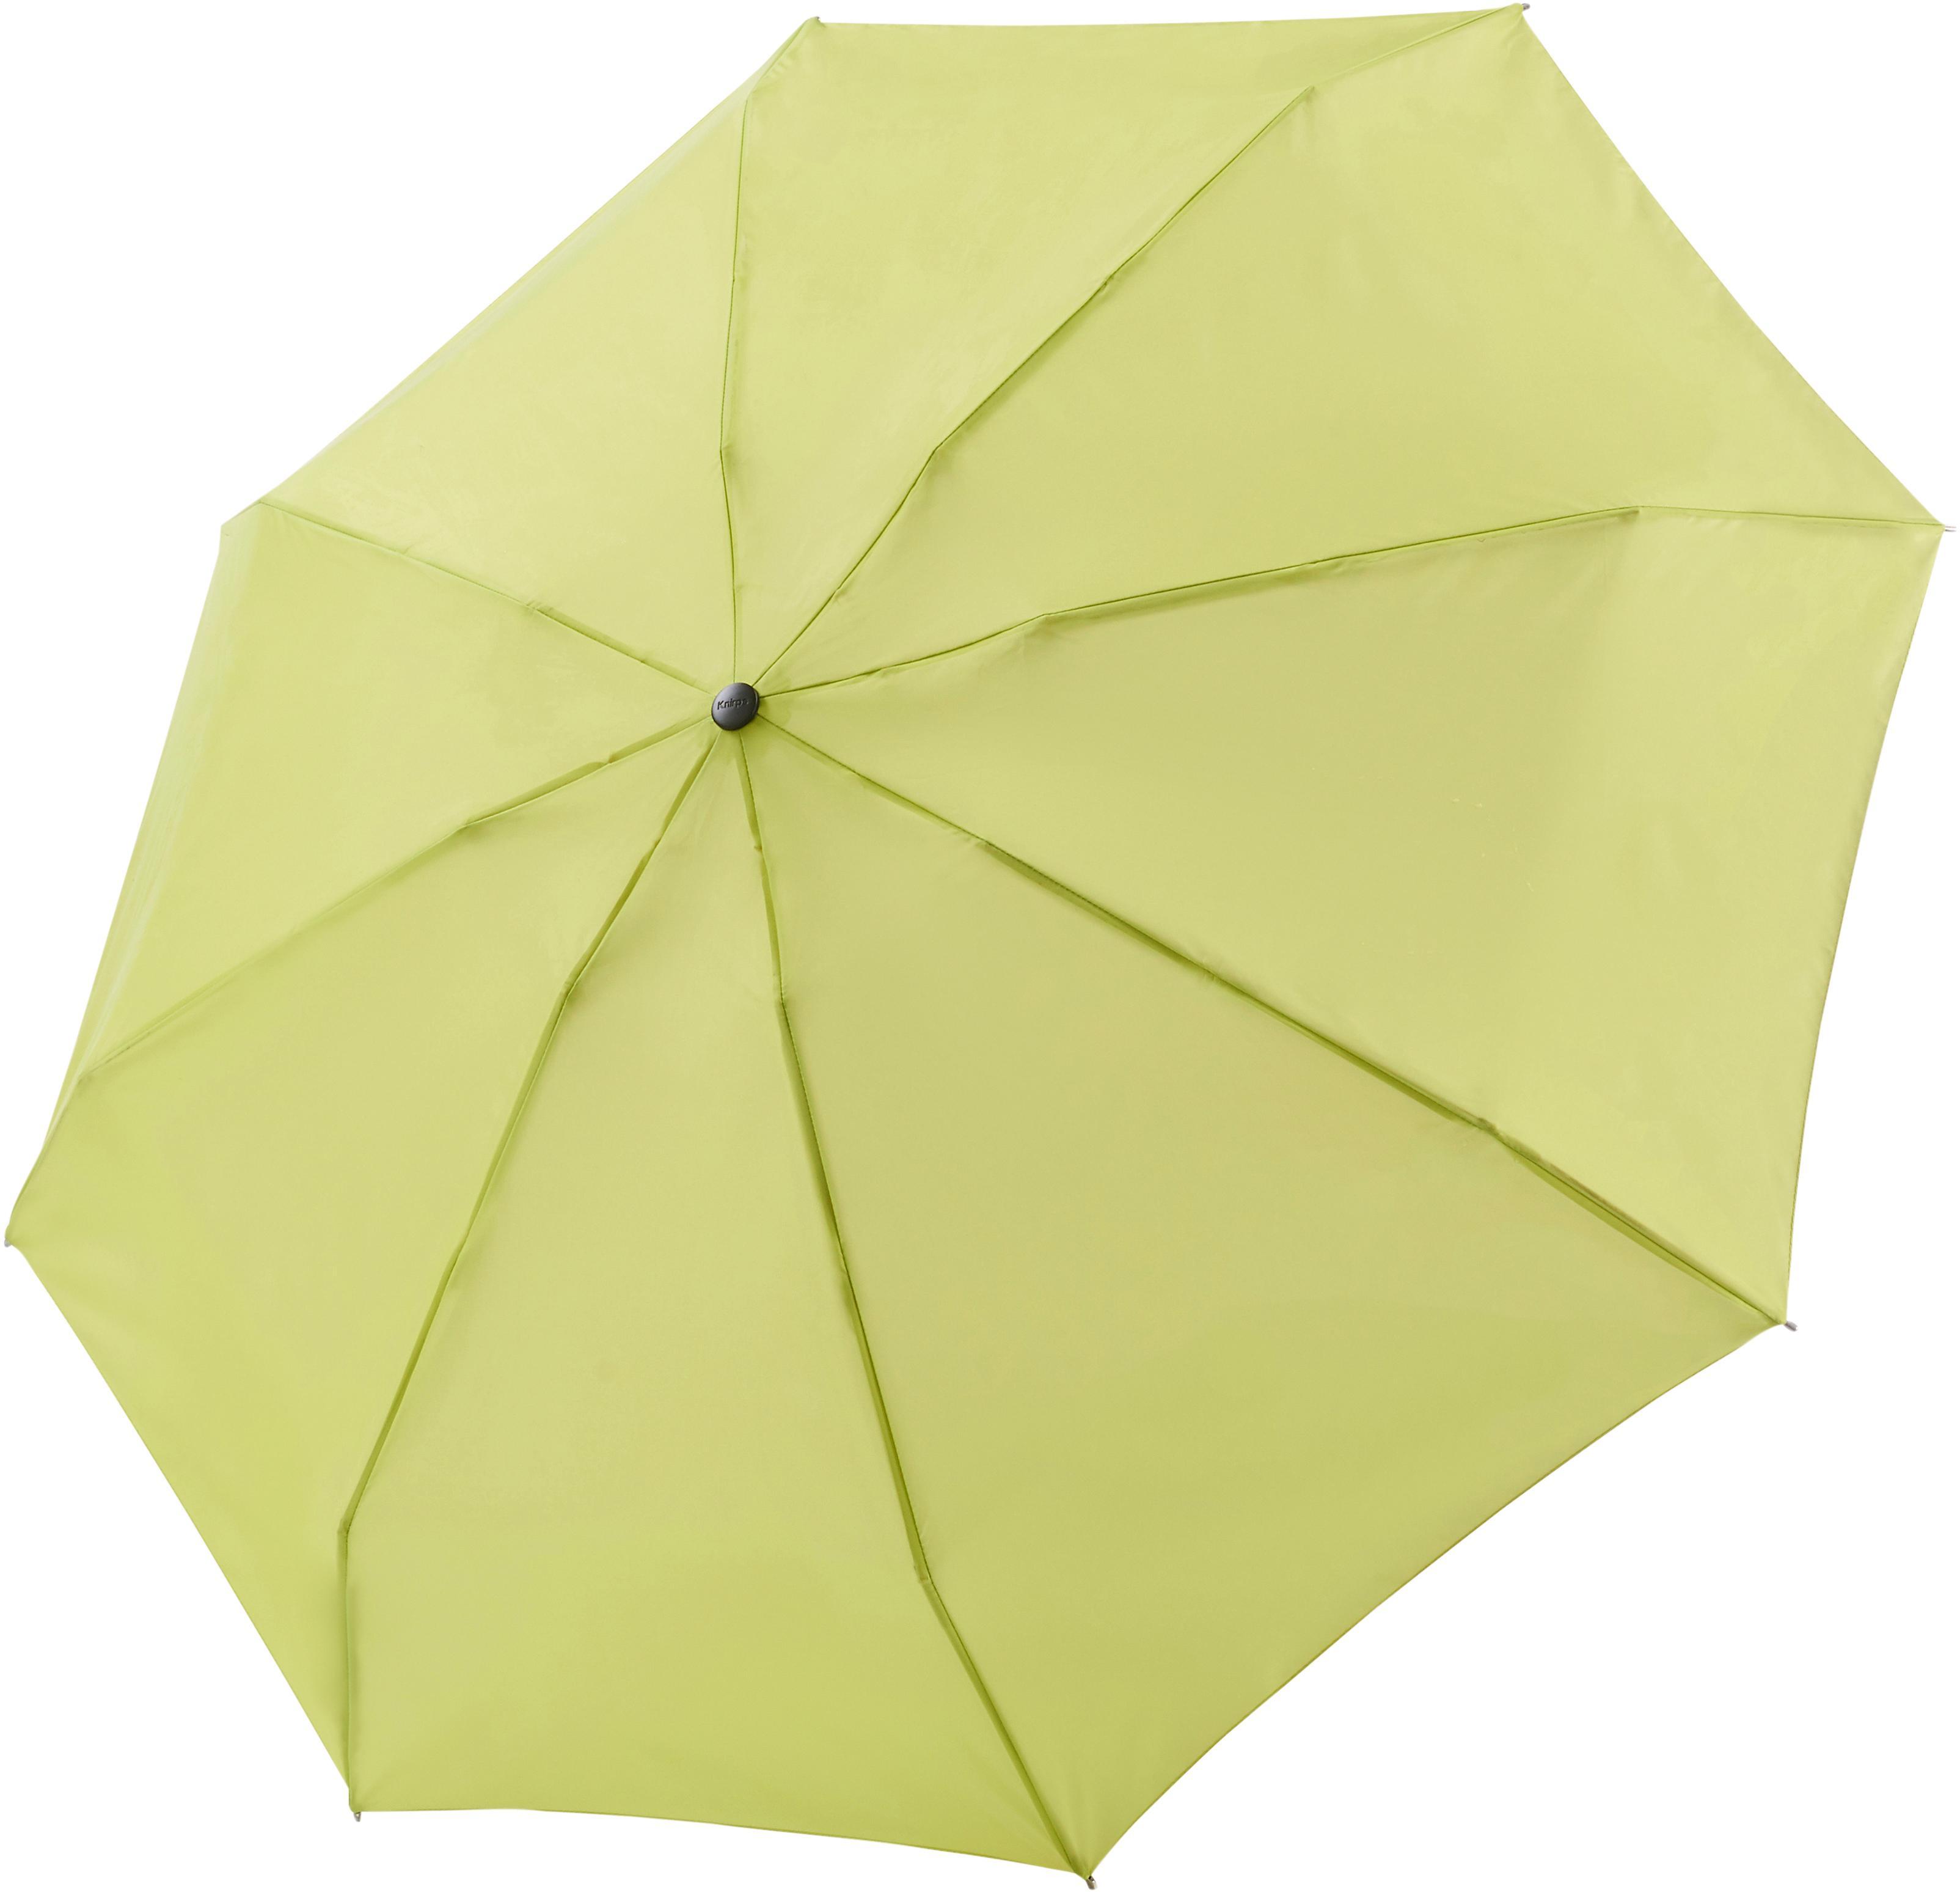 Knirps® Regenschirm - Taschenschirm, »X1 lemon« | Accessoires > Regenschirme > Taschenschirme | knirps